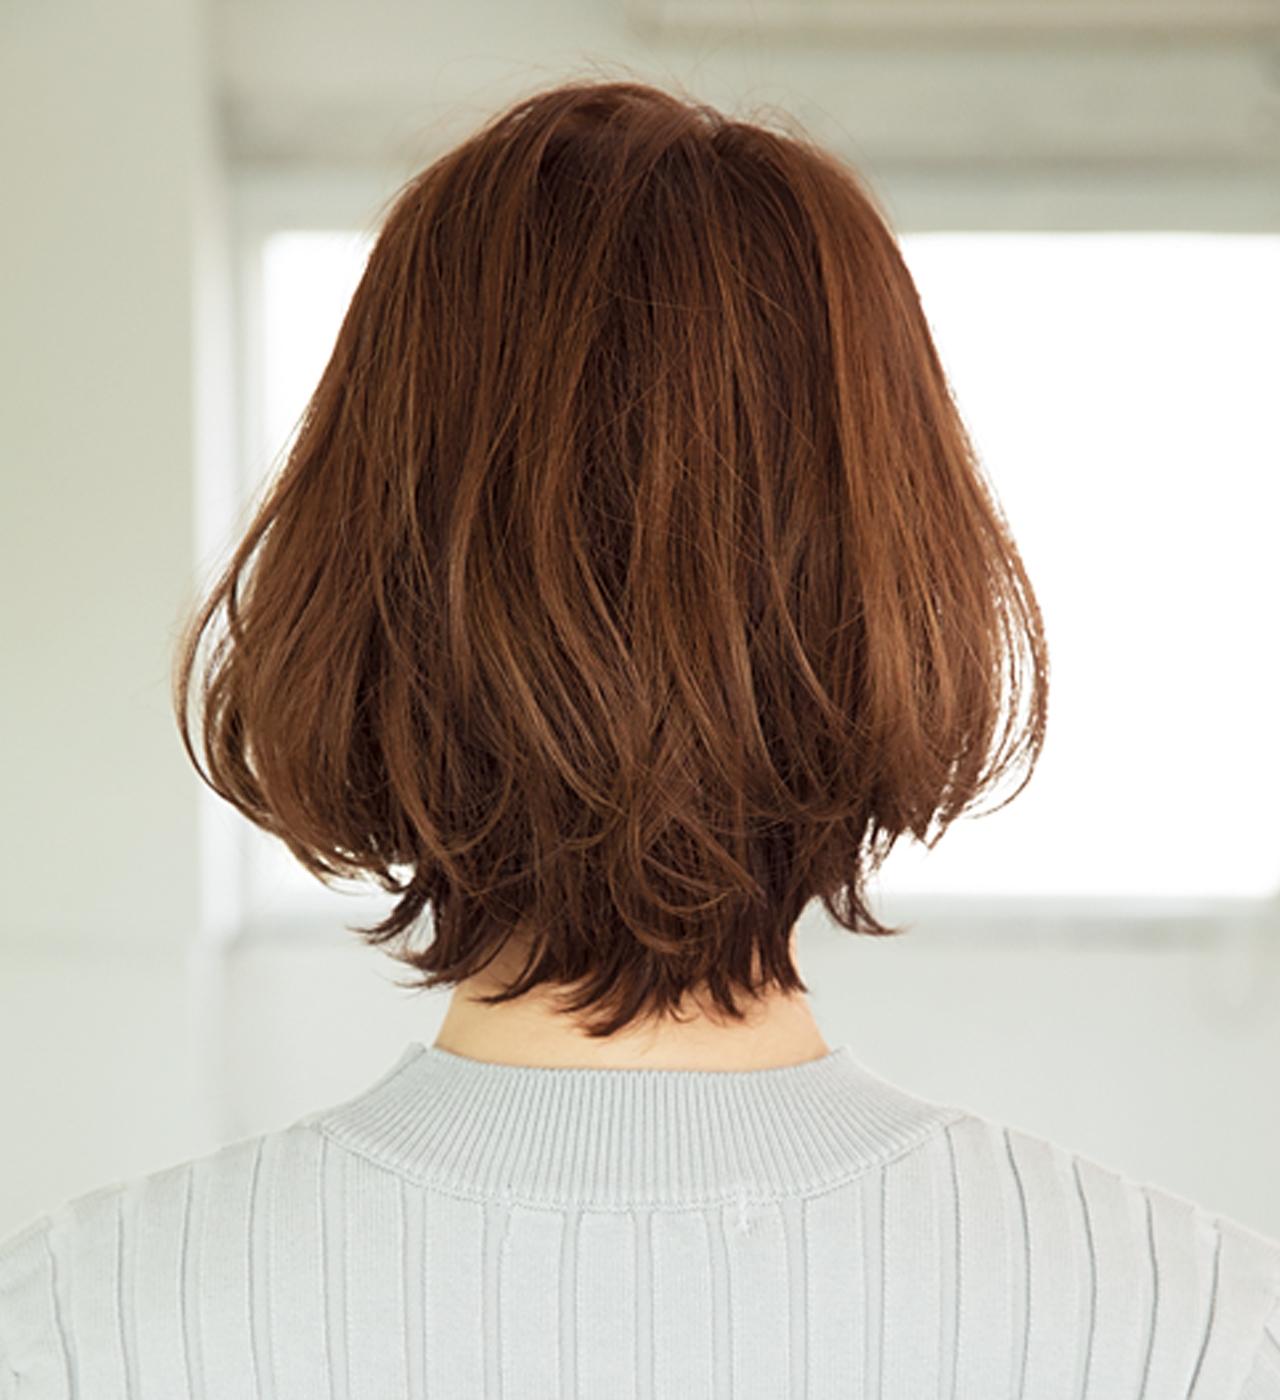 カジュアルもエレガントもアレンジ自在。2way前髪で髪悩みも解決!【40代のボブヘア】_1_3